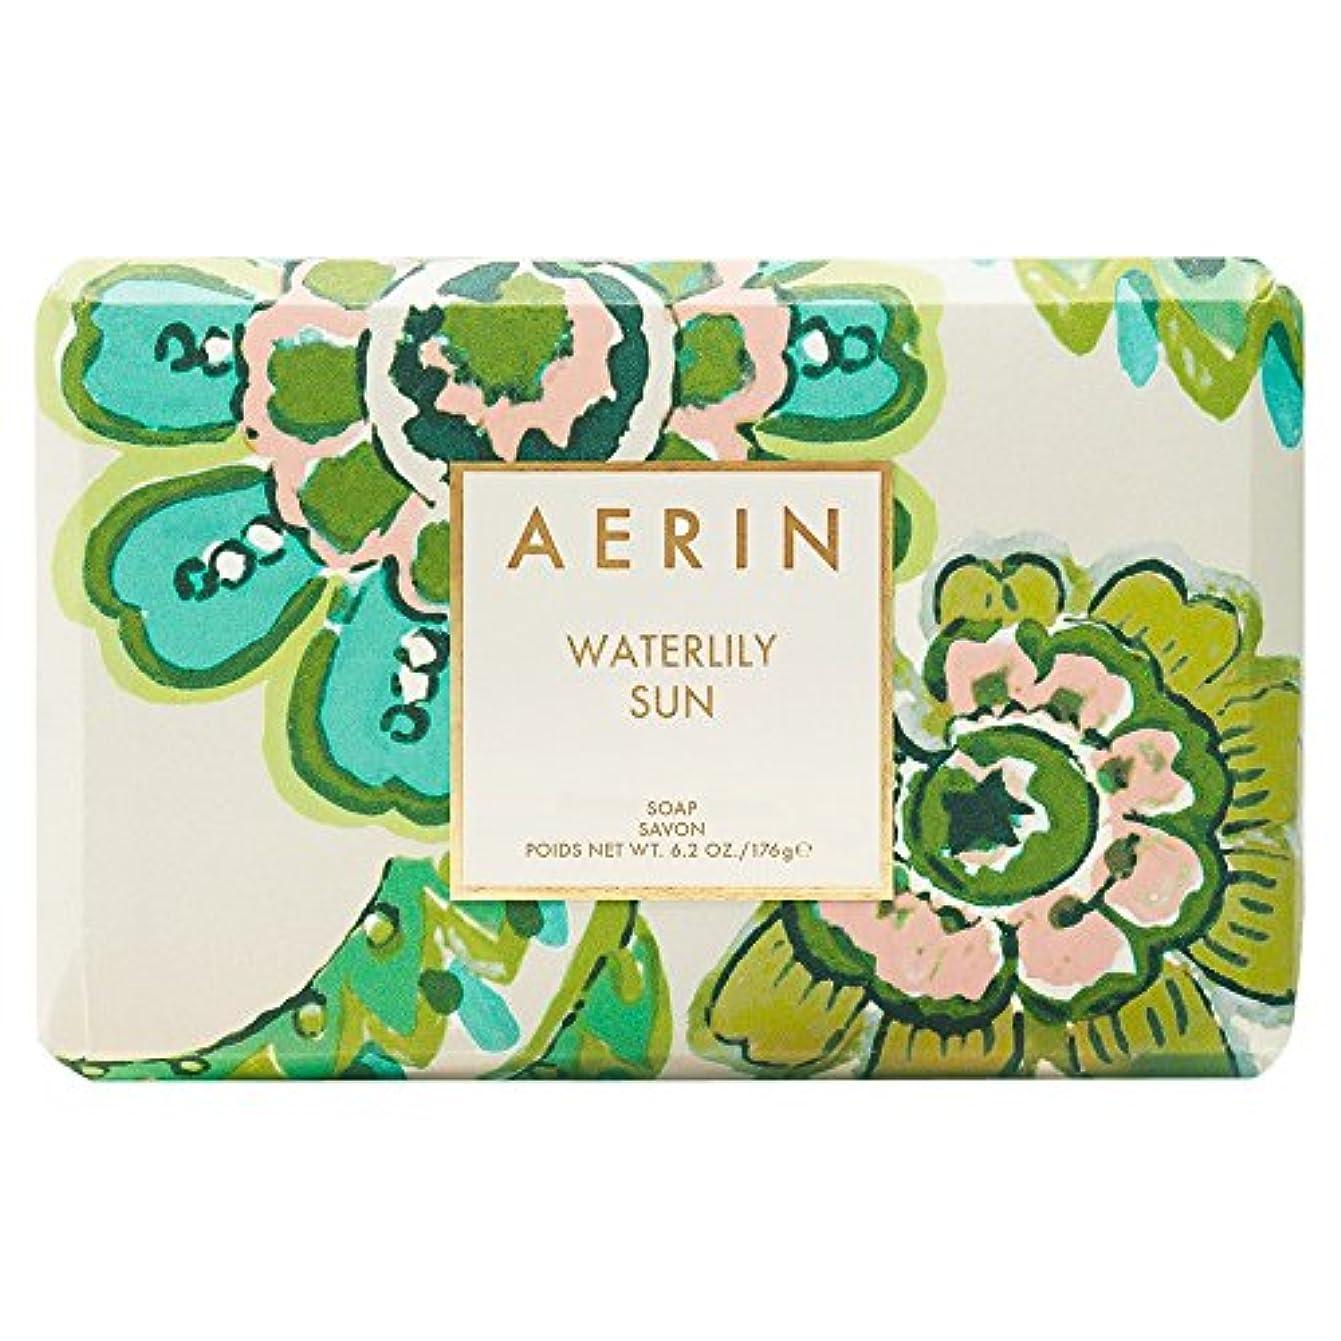 心配リーフレットコピーAerinスイレン日石鹸176グラム (AERIN) (x2) - AERIN Waterlily Sun Soap 176g (Pack of 2) [並行輸入品]